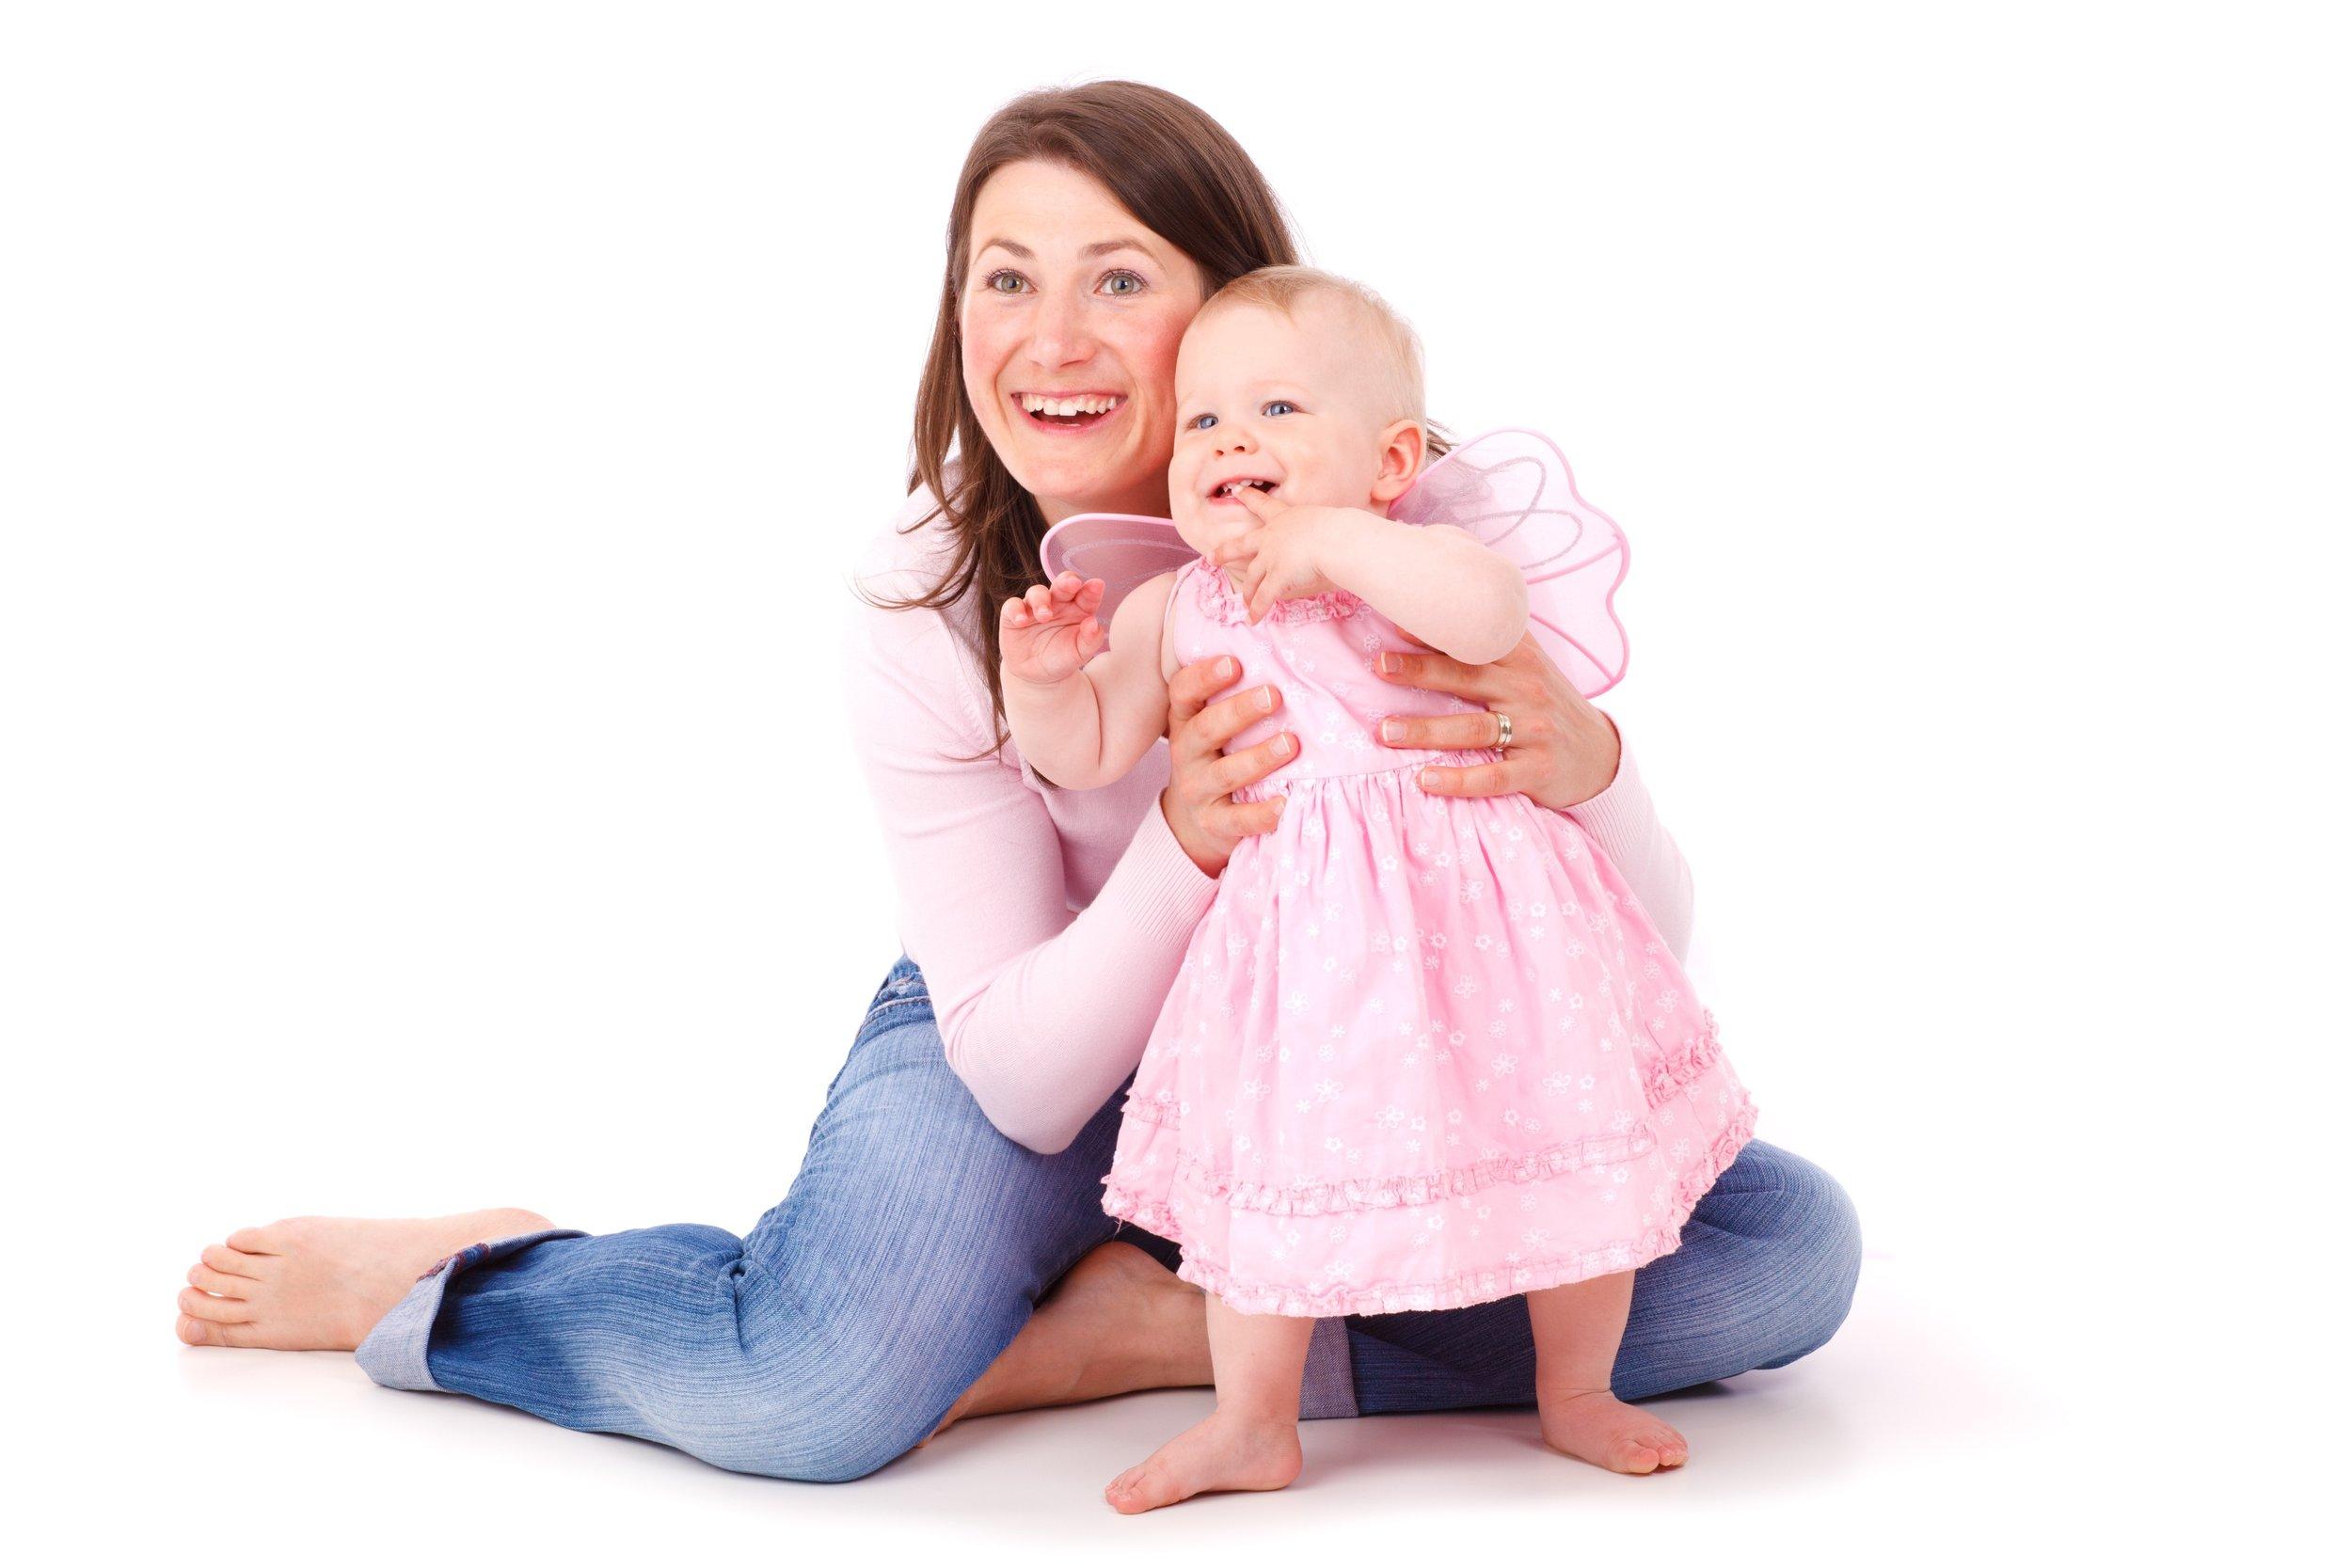 baby-child-cute-41313.jpg